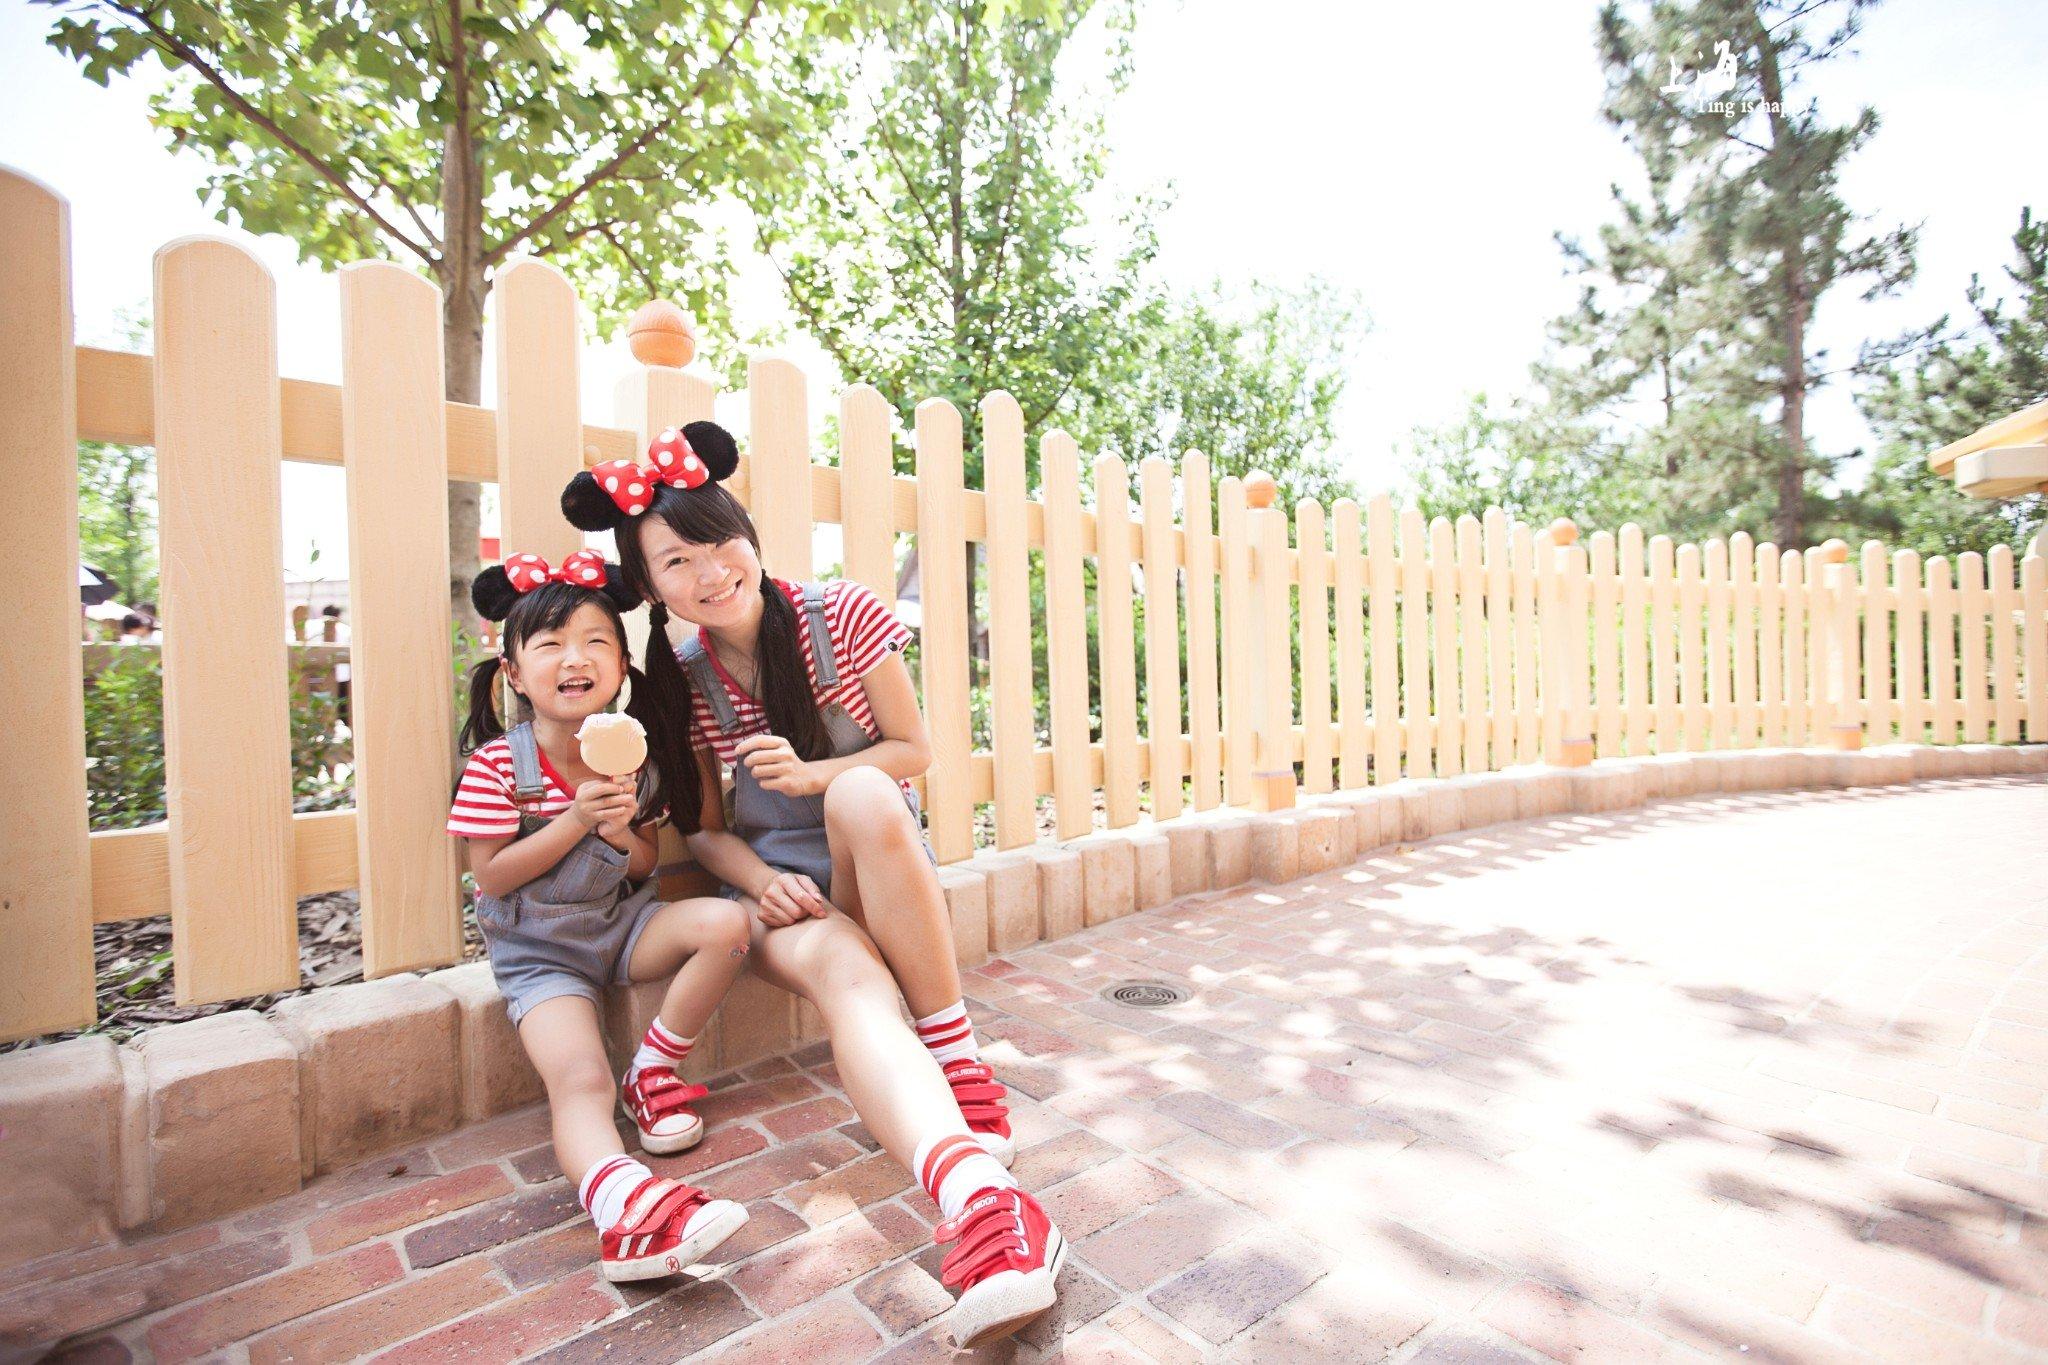 带四岁宝宝玩上海迪士尼乐园